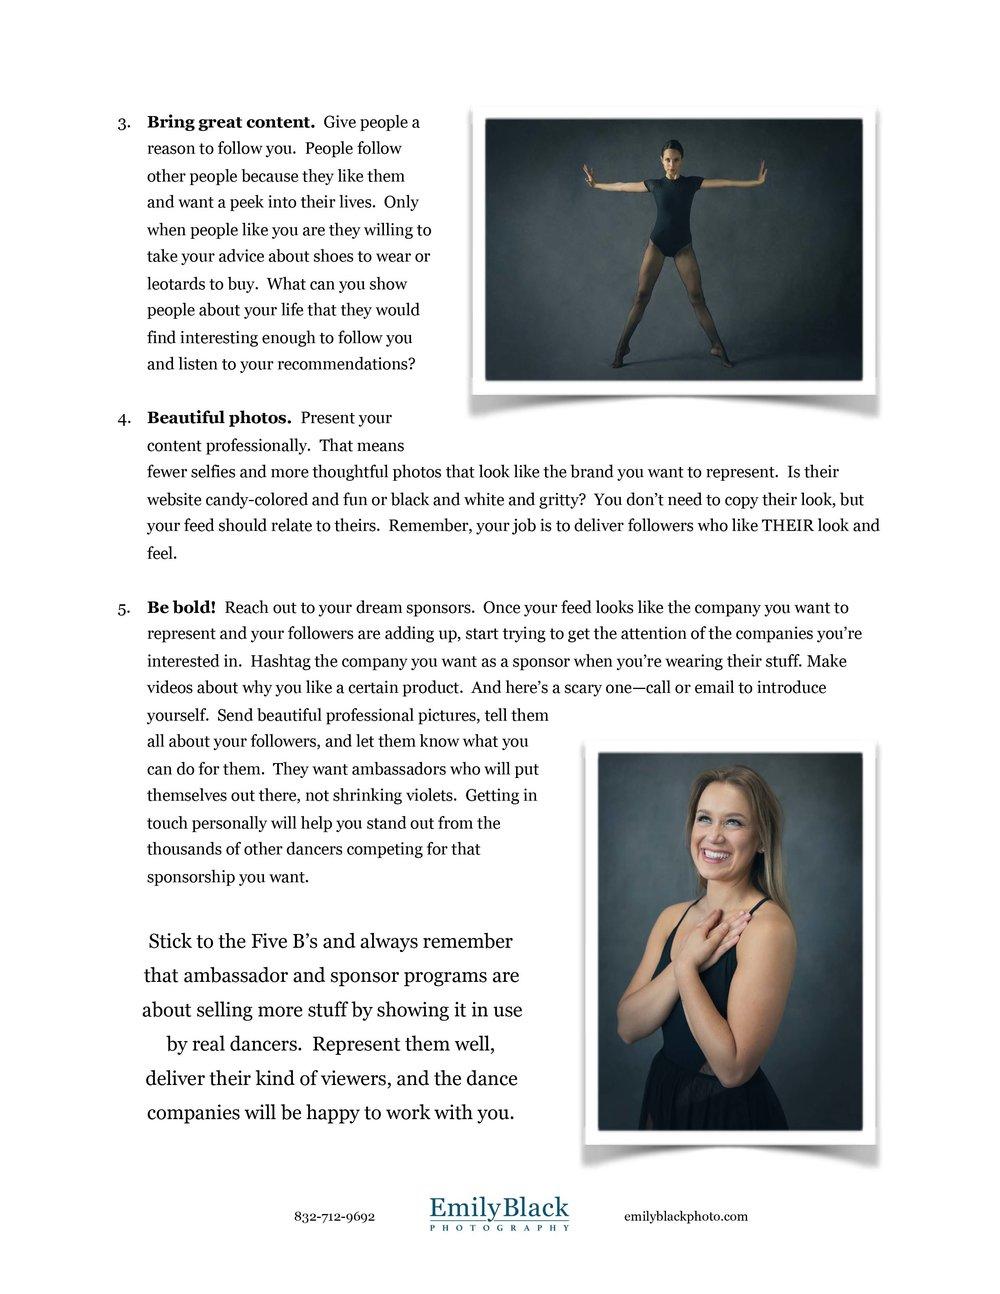 Five Tips Sponsorship BEST-2.jpg